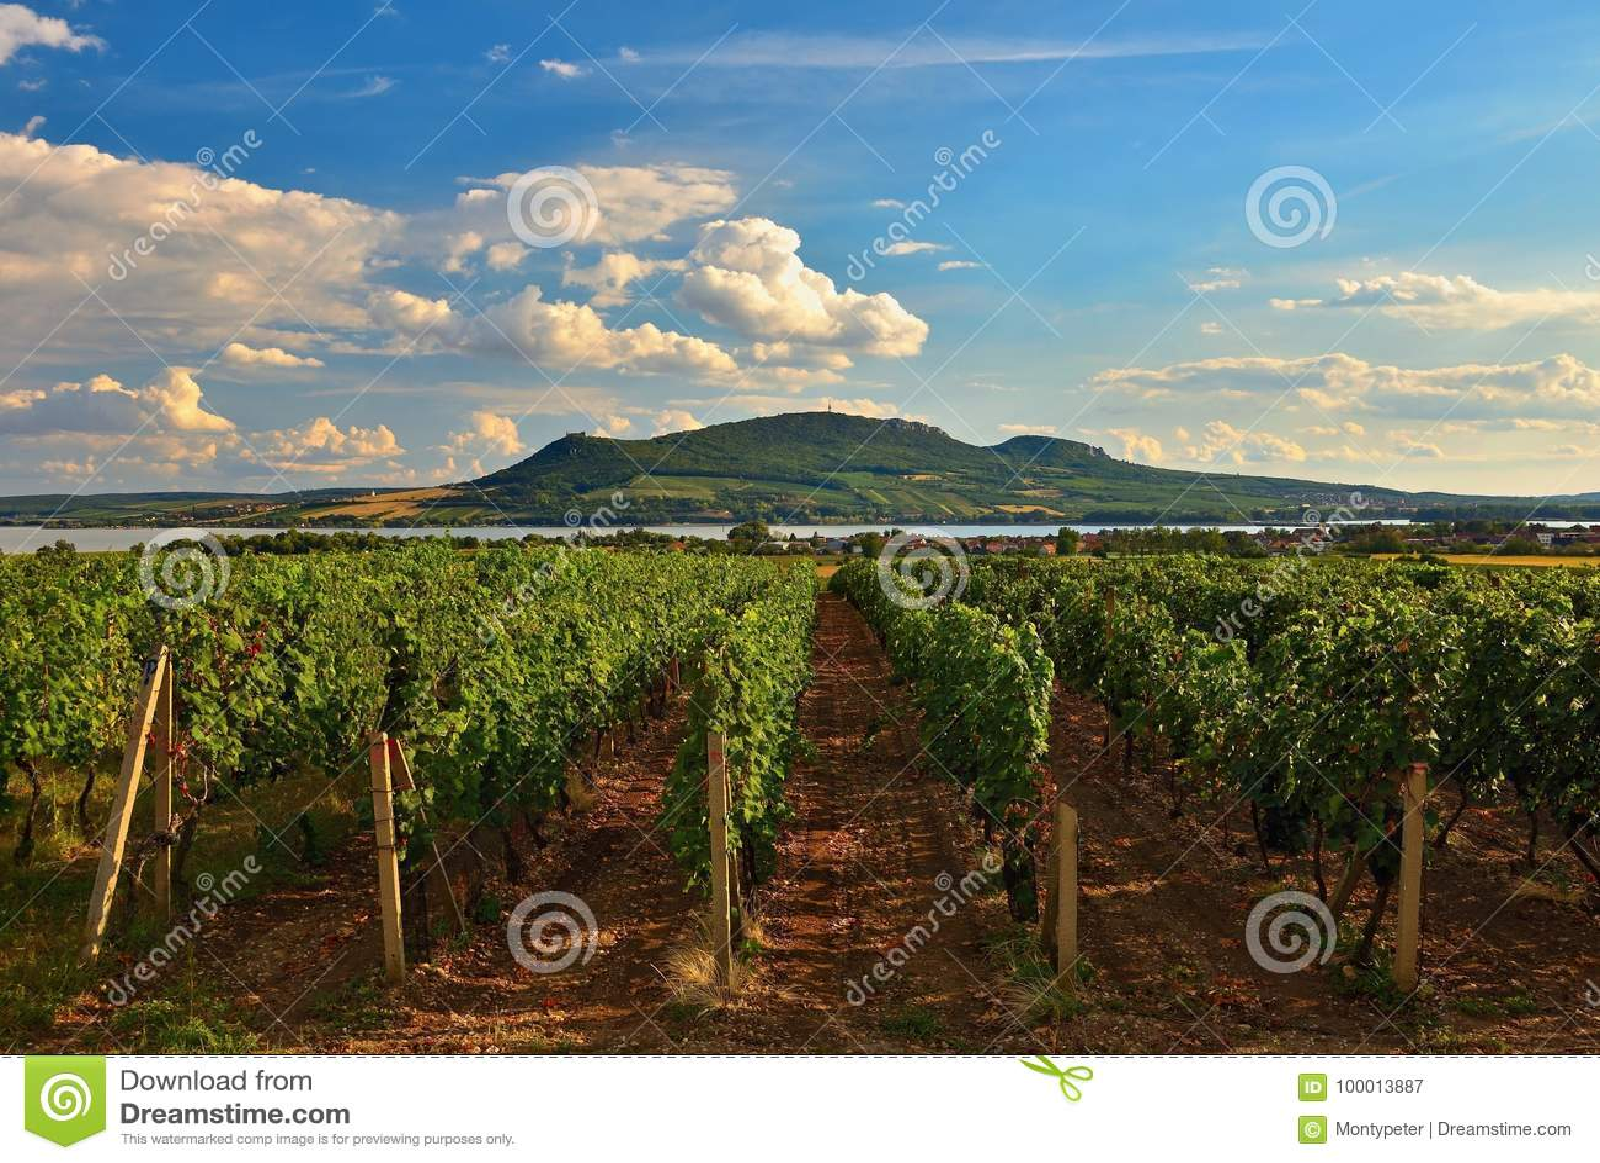 Los viñedos en la puesta del sol en otoño cosechan las uvas maduras Región del vino, Moravia meridional - República Checa Viñedo